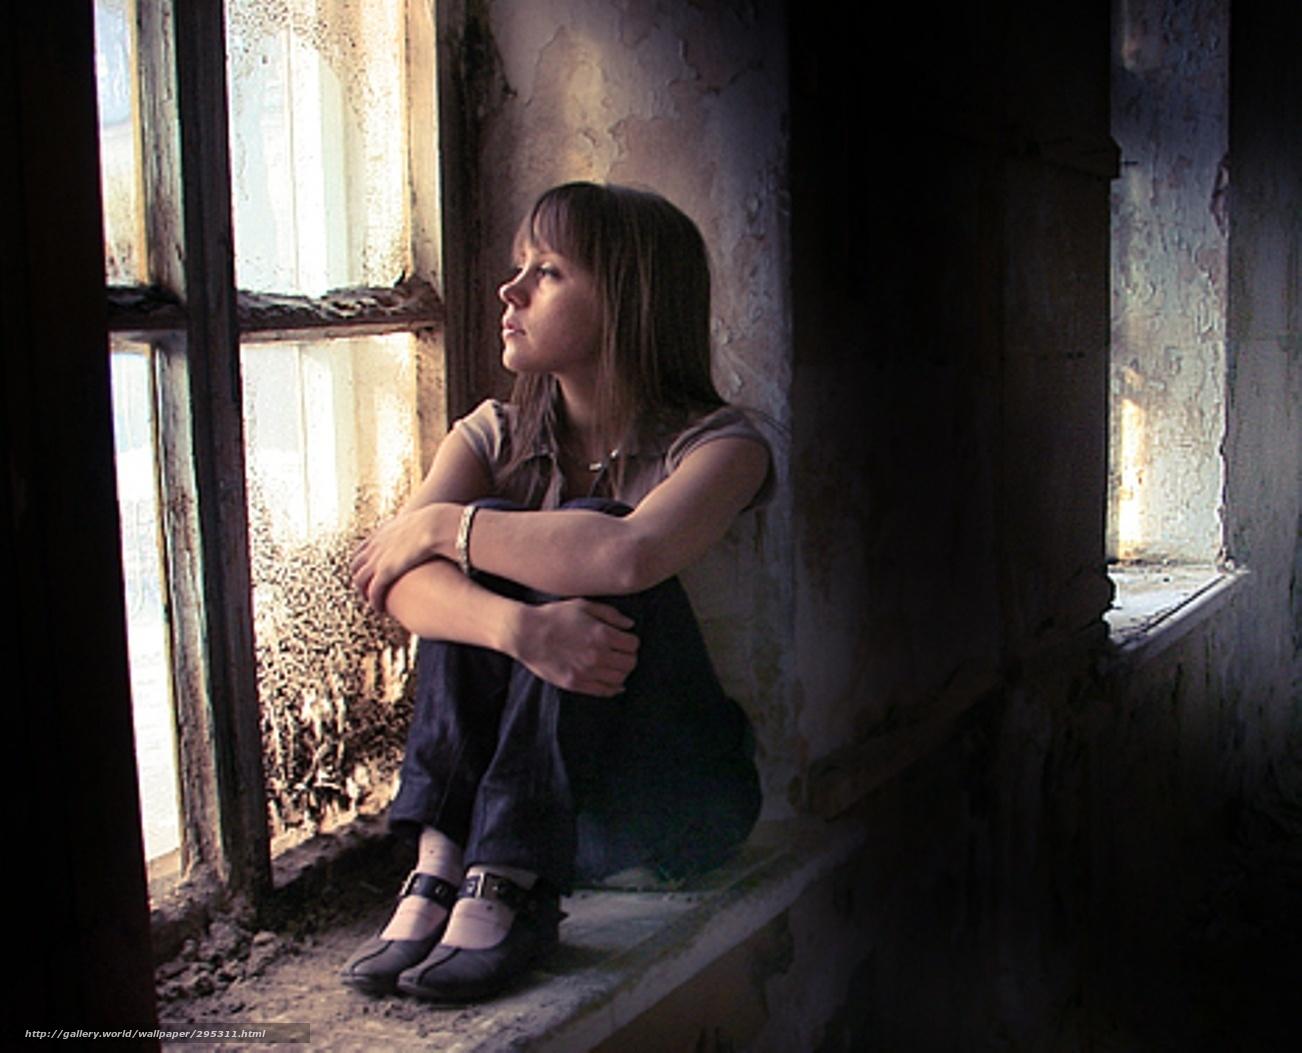 Фотографируя девушек в ночных окнах 15 фотография